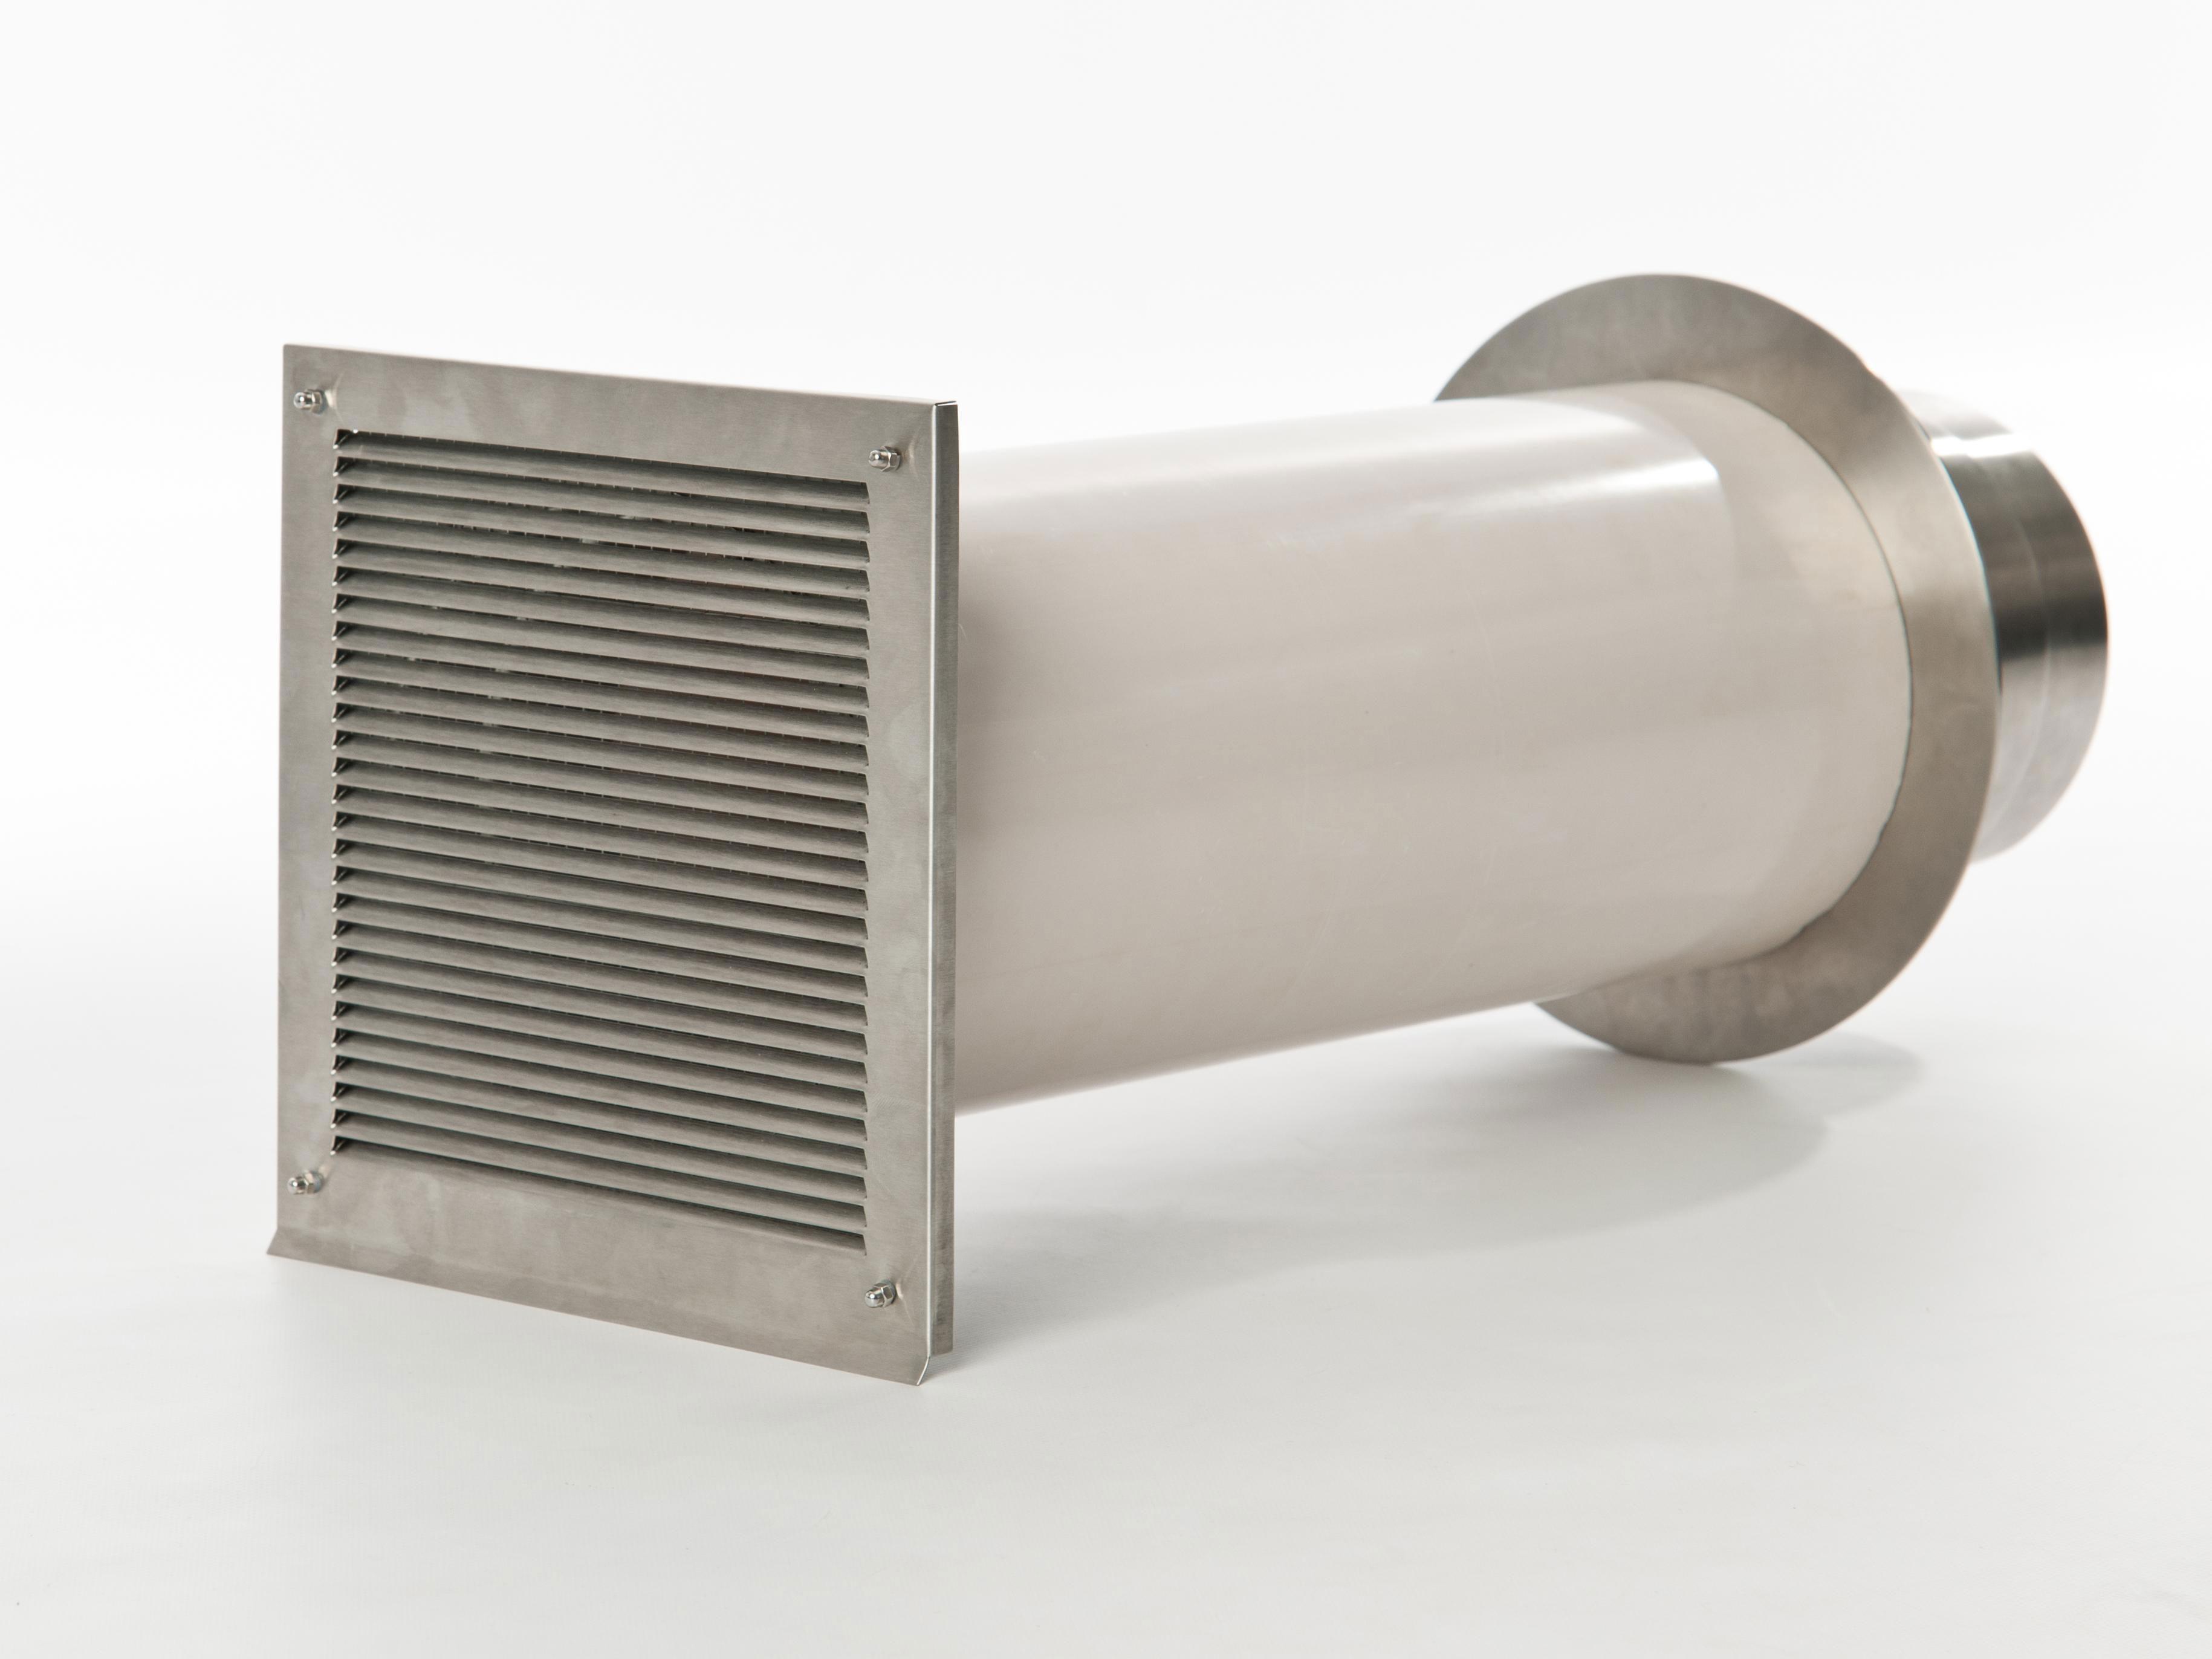 externer Luftanschluss Mauerdurchführung Einzelklappe 125mm Stutzen Bild 1